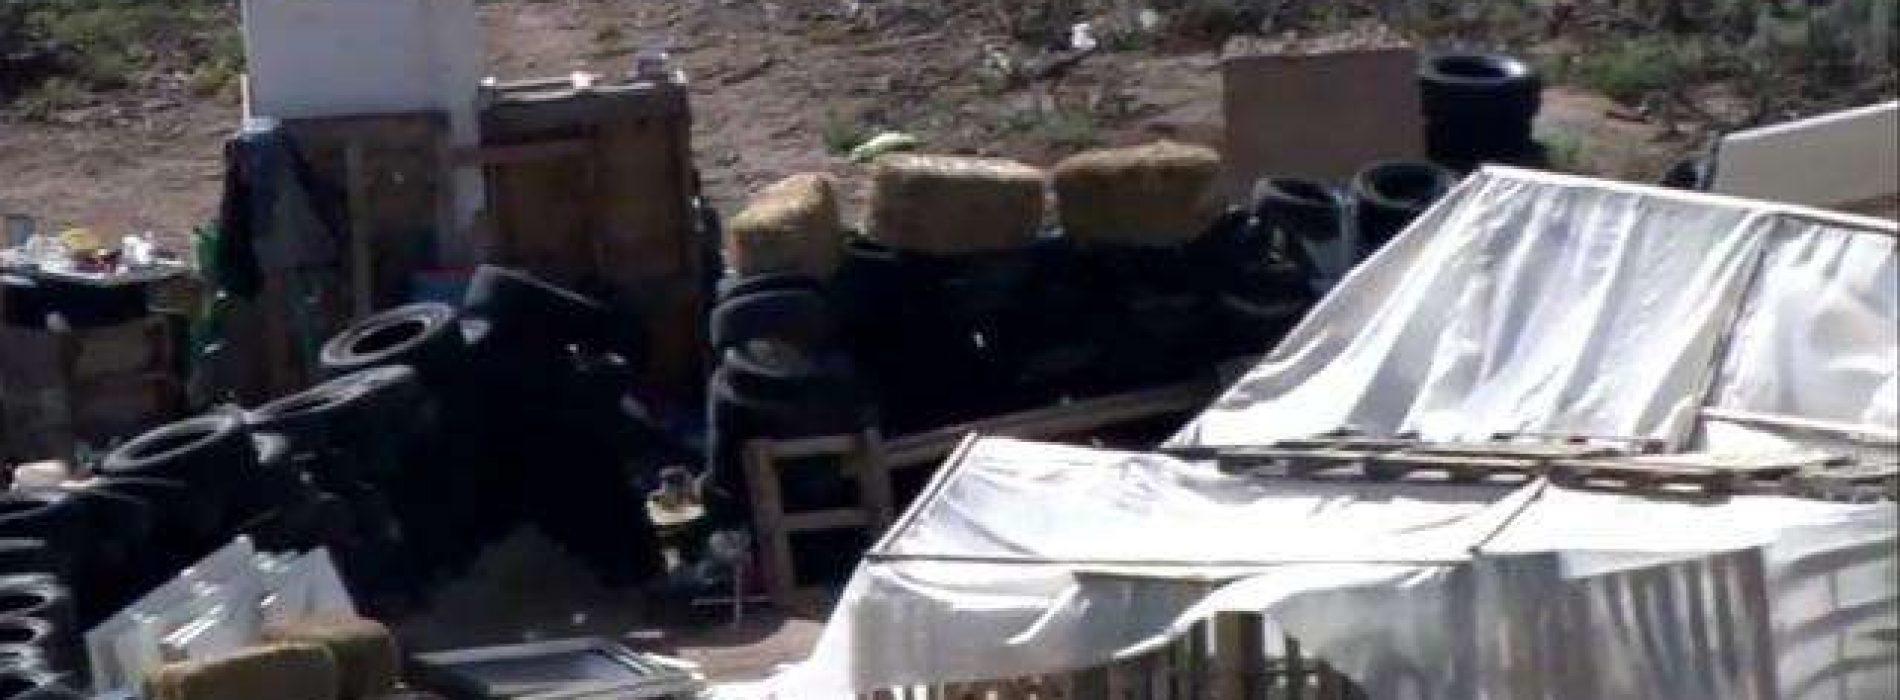 Encuentran a 11 niños secuestrados por extremistas islámicos en Nuevo México